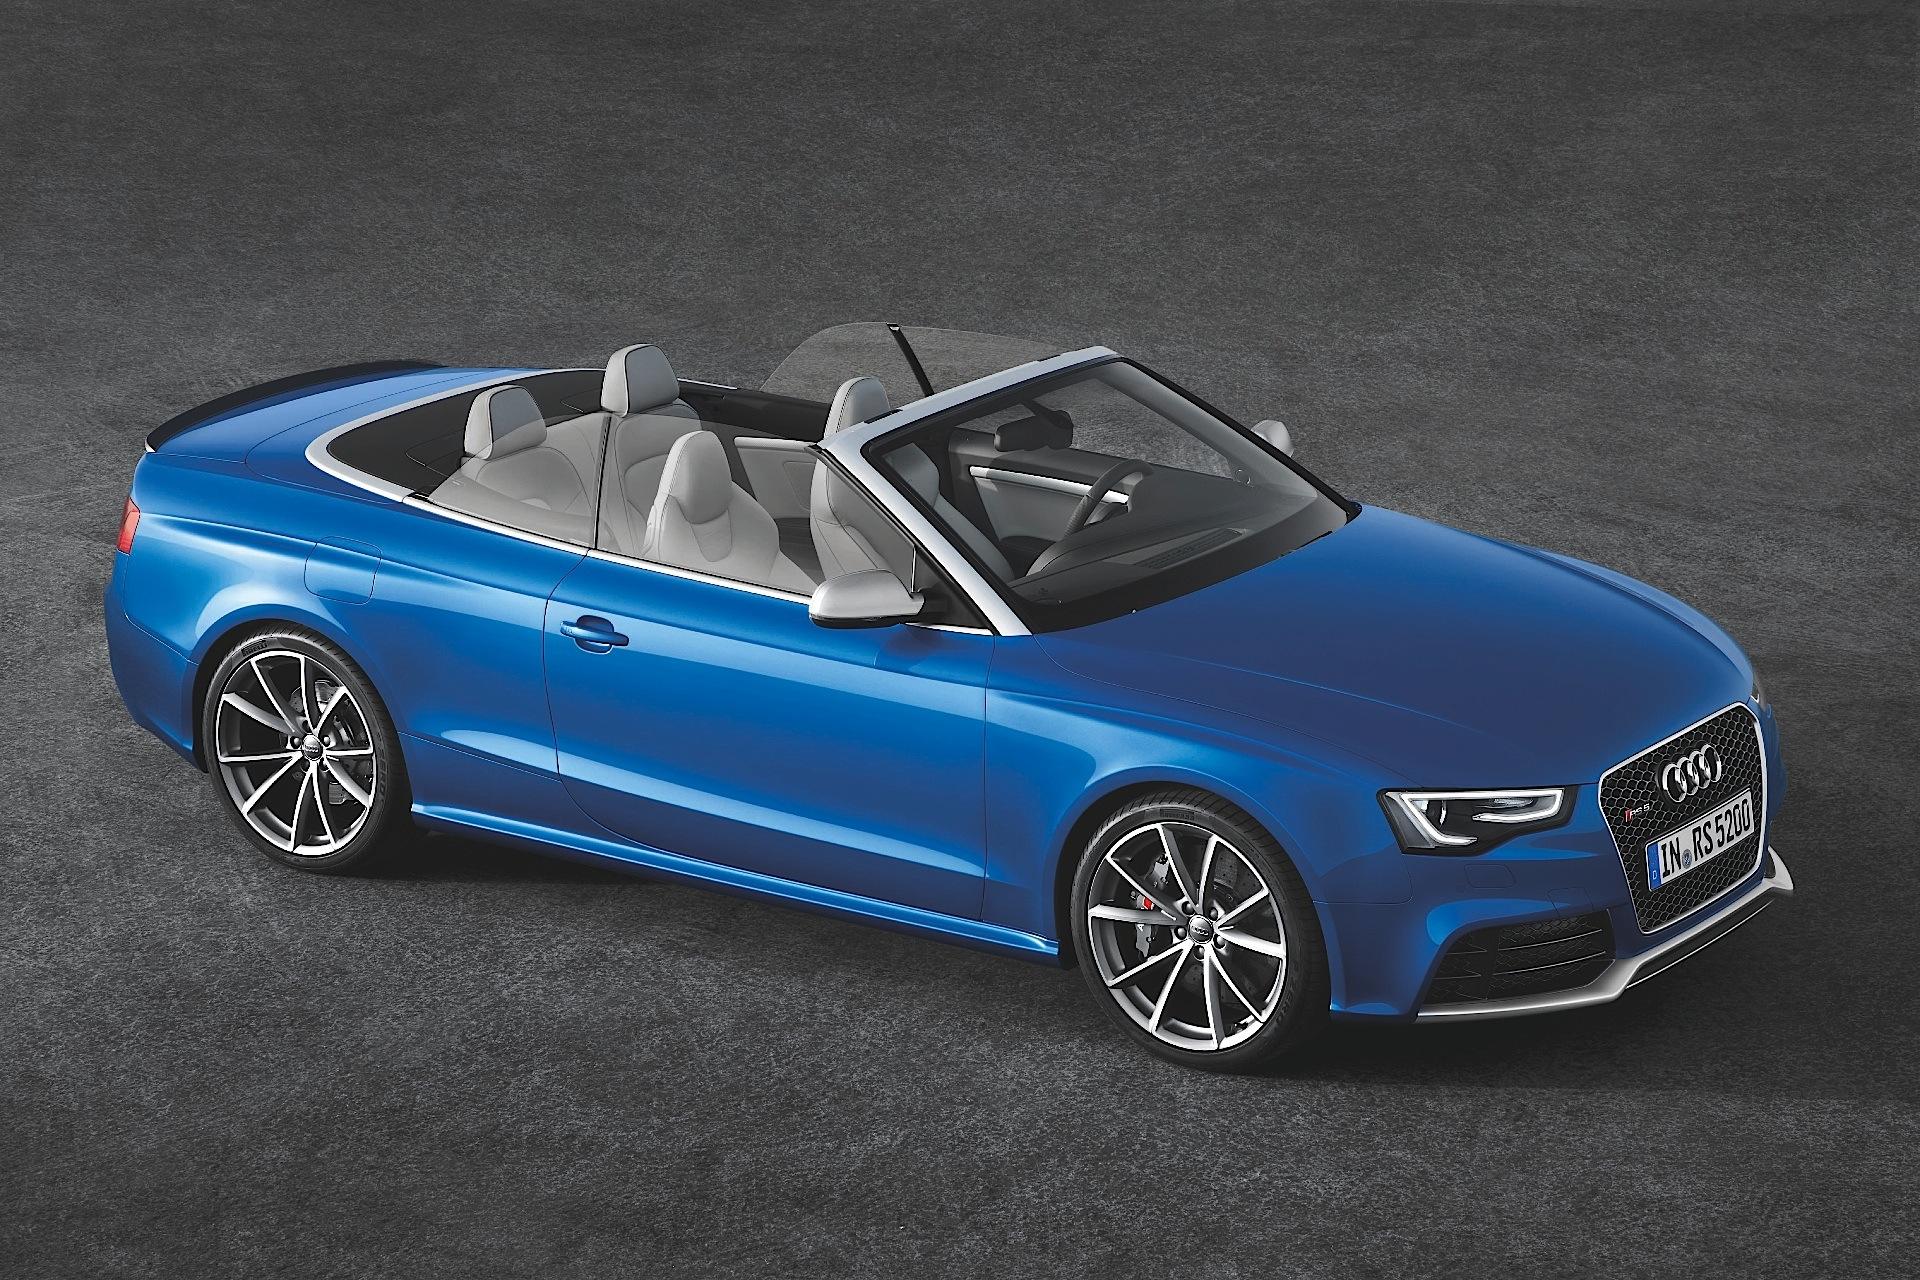 Kelebihan Kekurangan Audi Rs5 2015 Spesifikasi